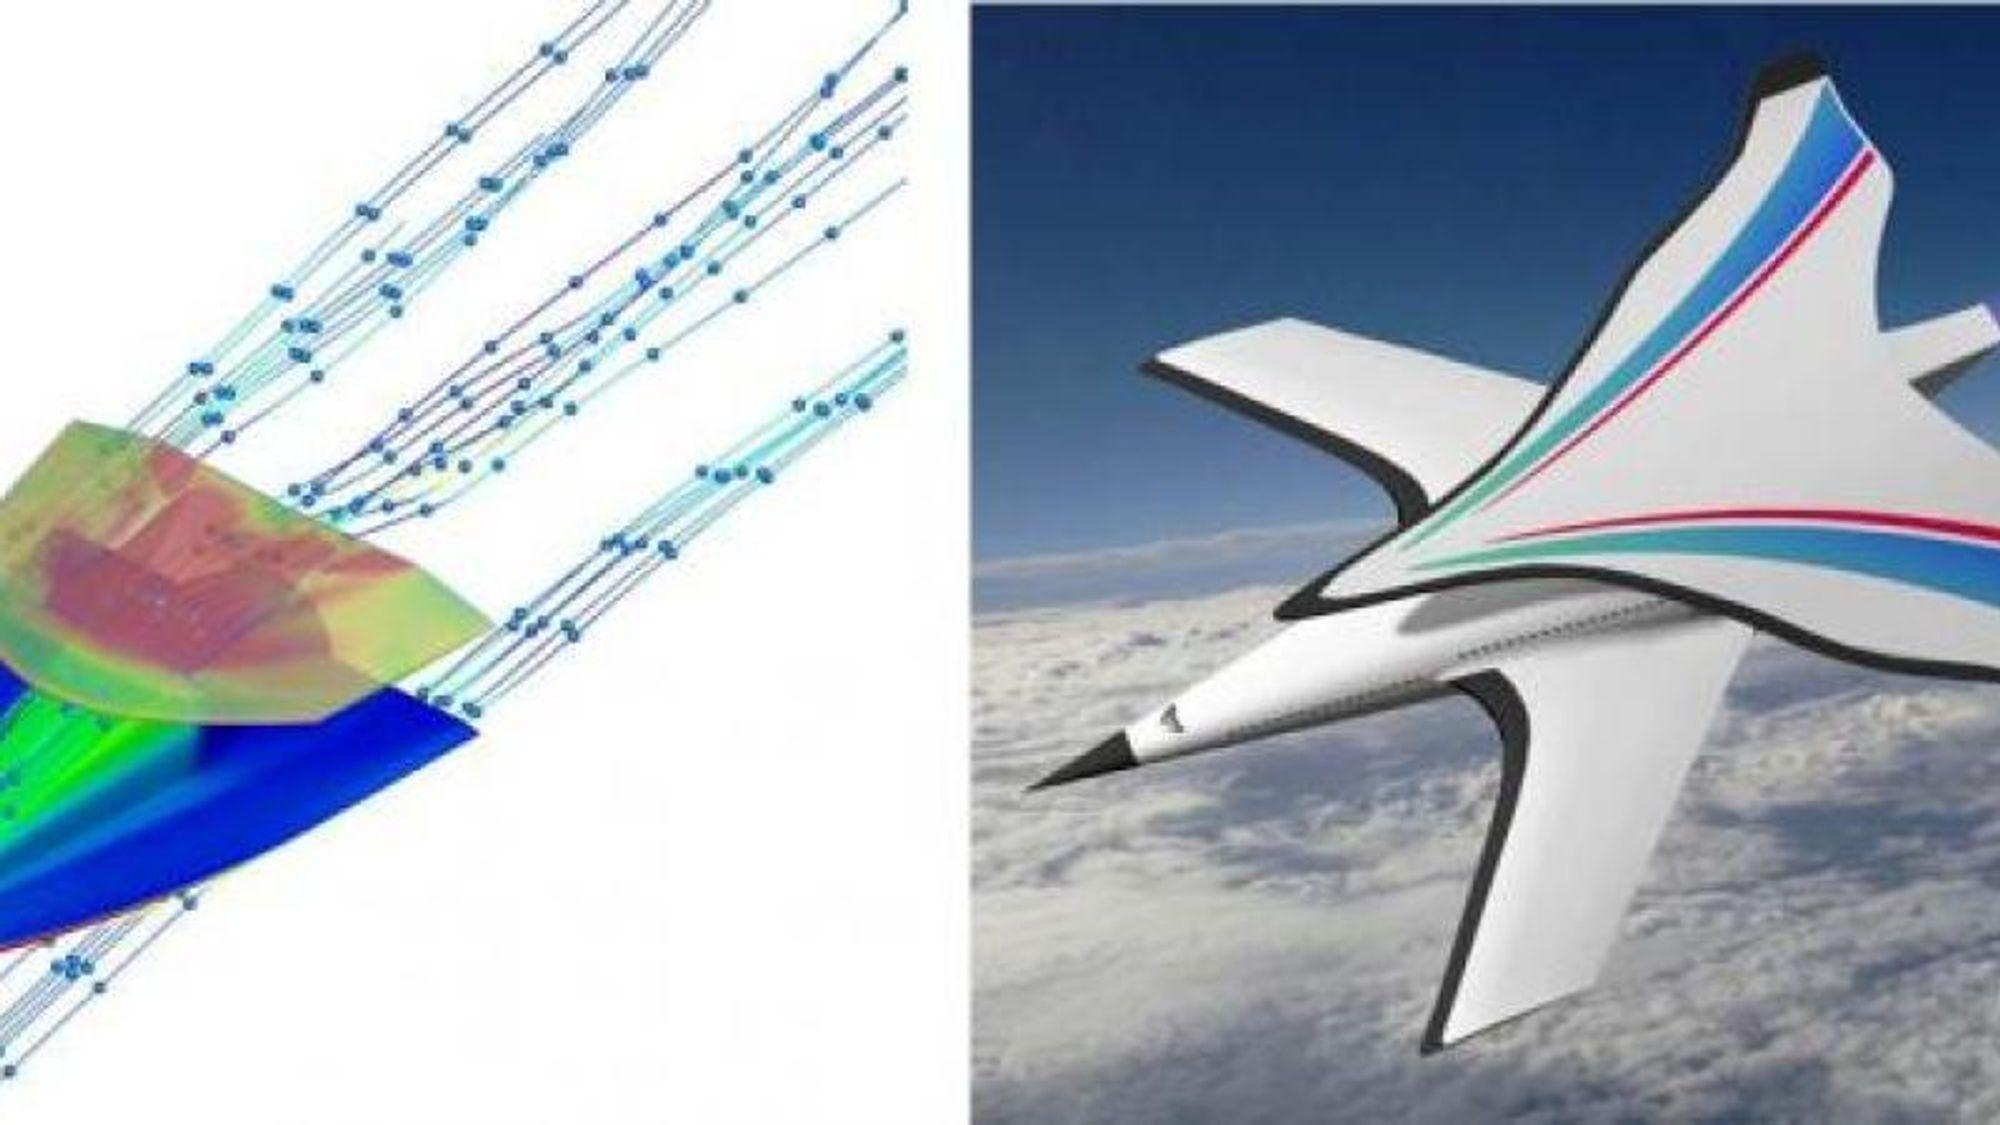 Selv om et ekstra vingepar øker luftmotstanden, vil den økte oppdriften forbedre de aerodynamiske egenskapene for hypersoniske fly, ifølge nye kinesiske forskningsresultater. Bildet til venstre viser forskernes modell, mens bildet til høyre er en kunstners videre bearbeiding av konseptet.